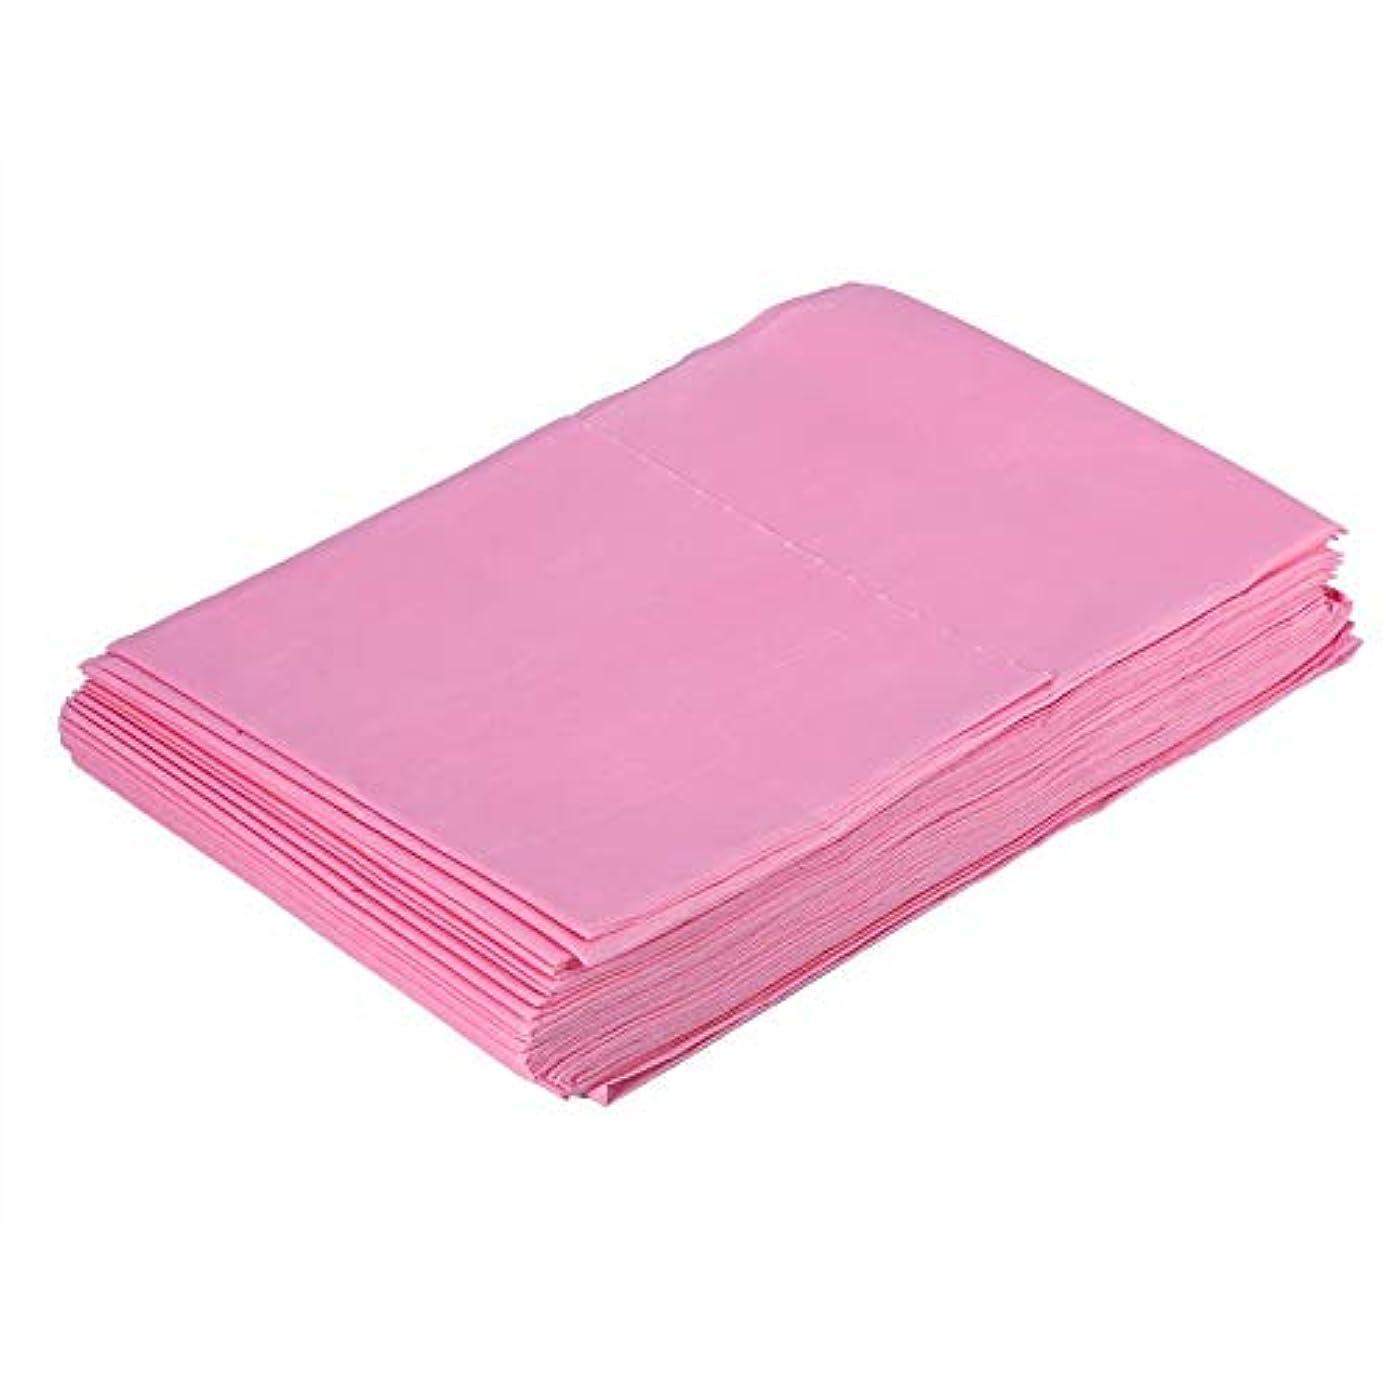 失望オッズレイアウト使い捨て防水シーツマッサージ美容カバー(ピンク)